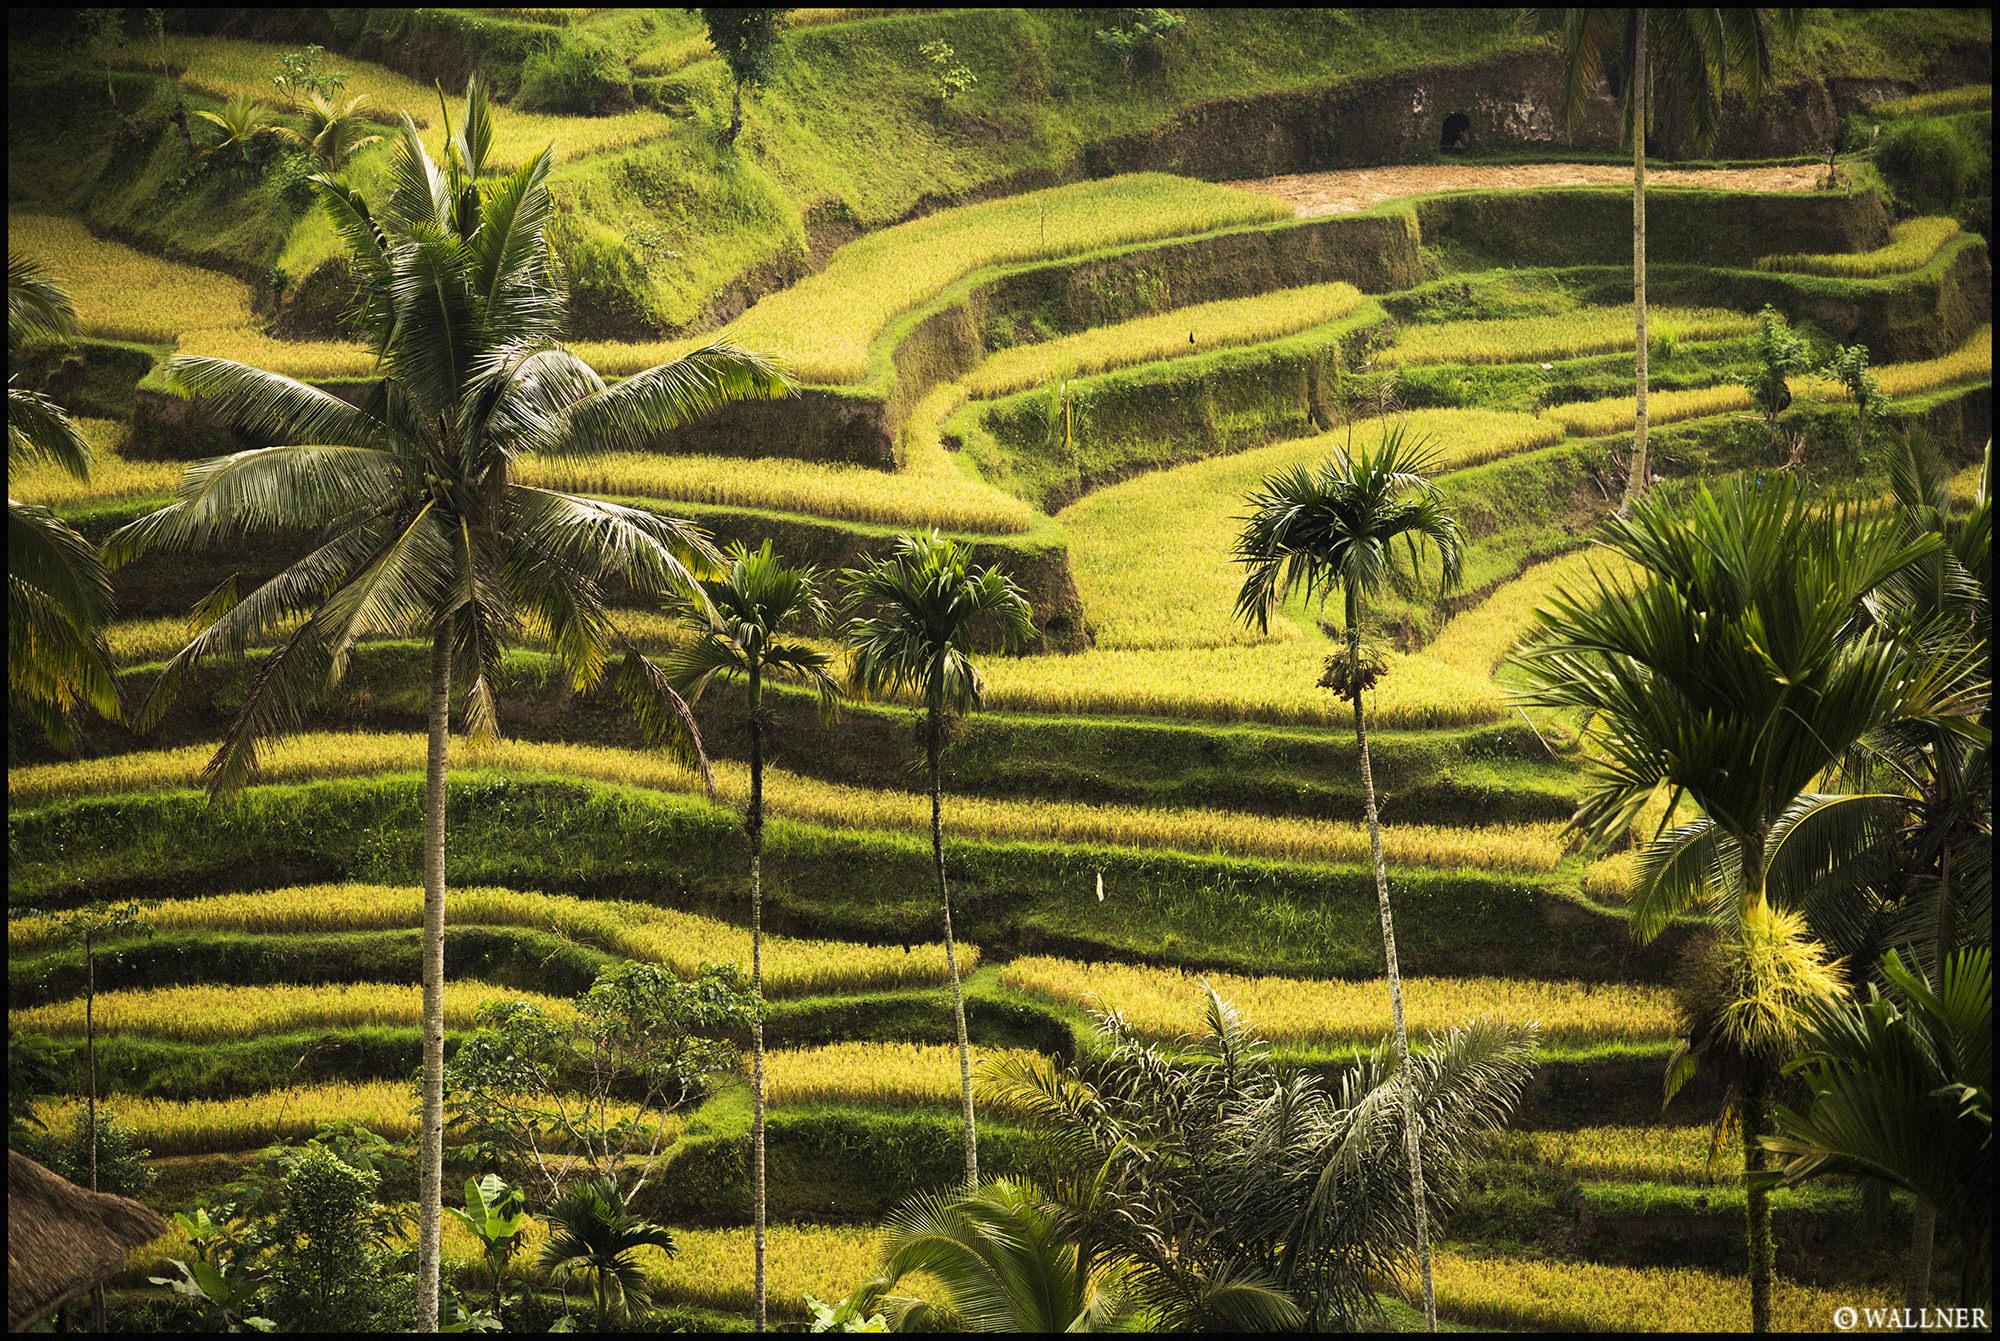 Digital Patrik Wallner Bali Rice Terrace LOWQ 2000P w WM